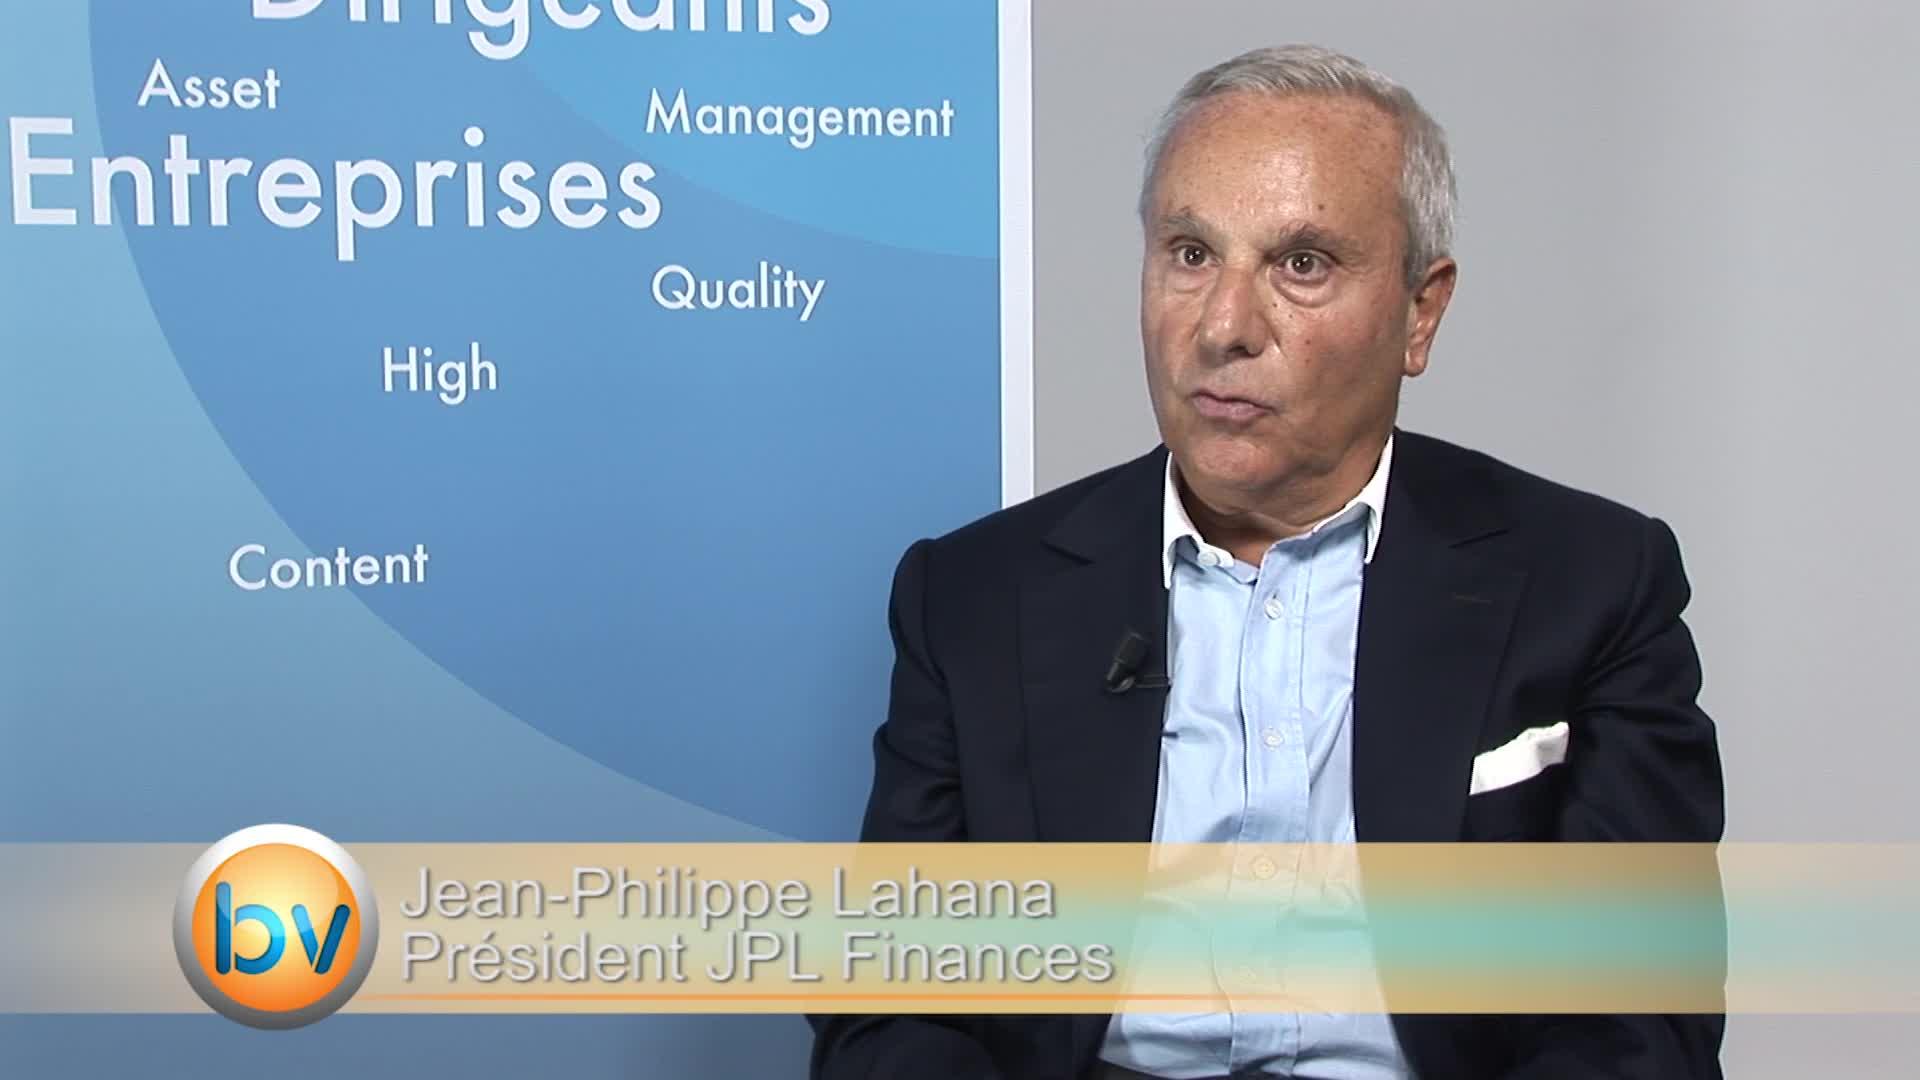 """Jean-Philippe Lahana Président JPL Finances : """"Les économies développées sont dans un cycle récessif"""""""